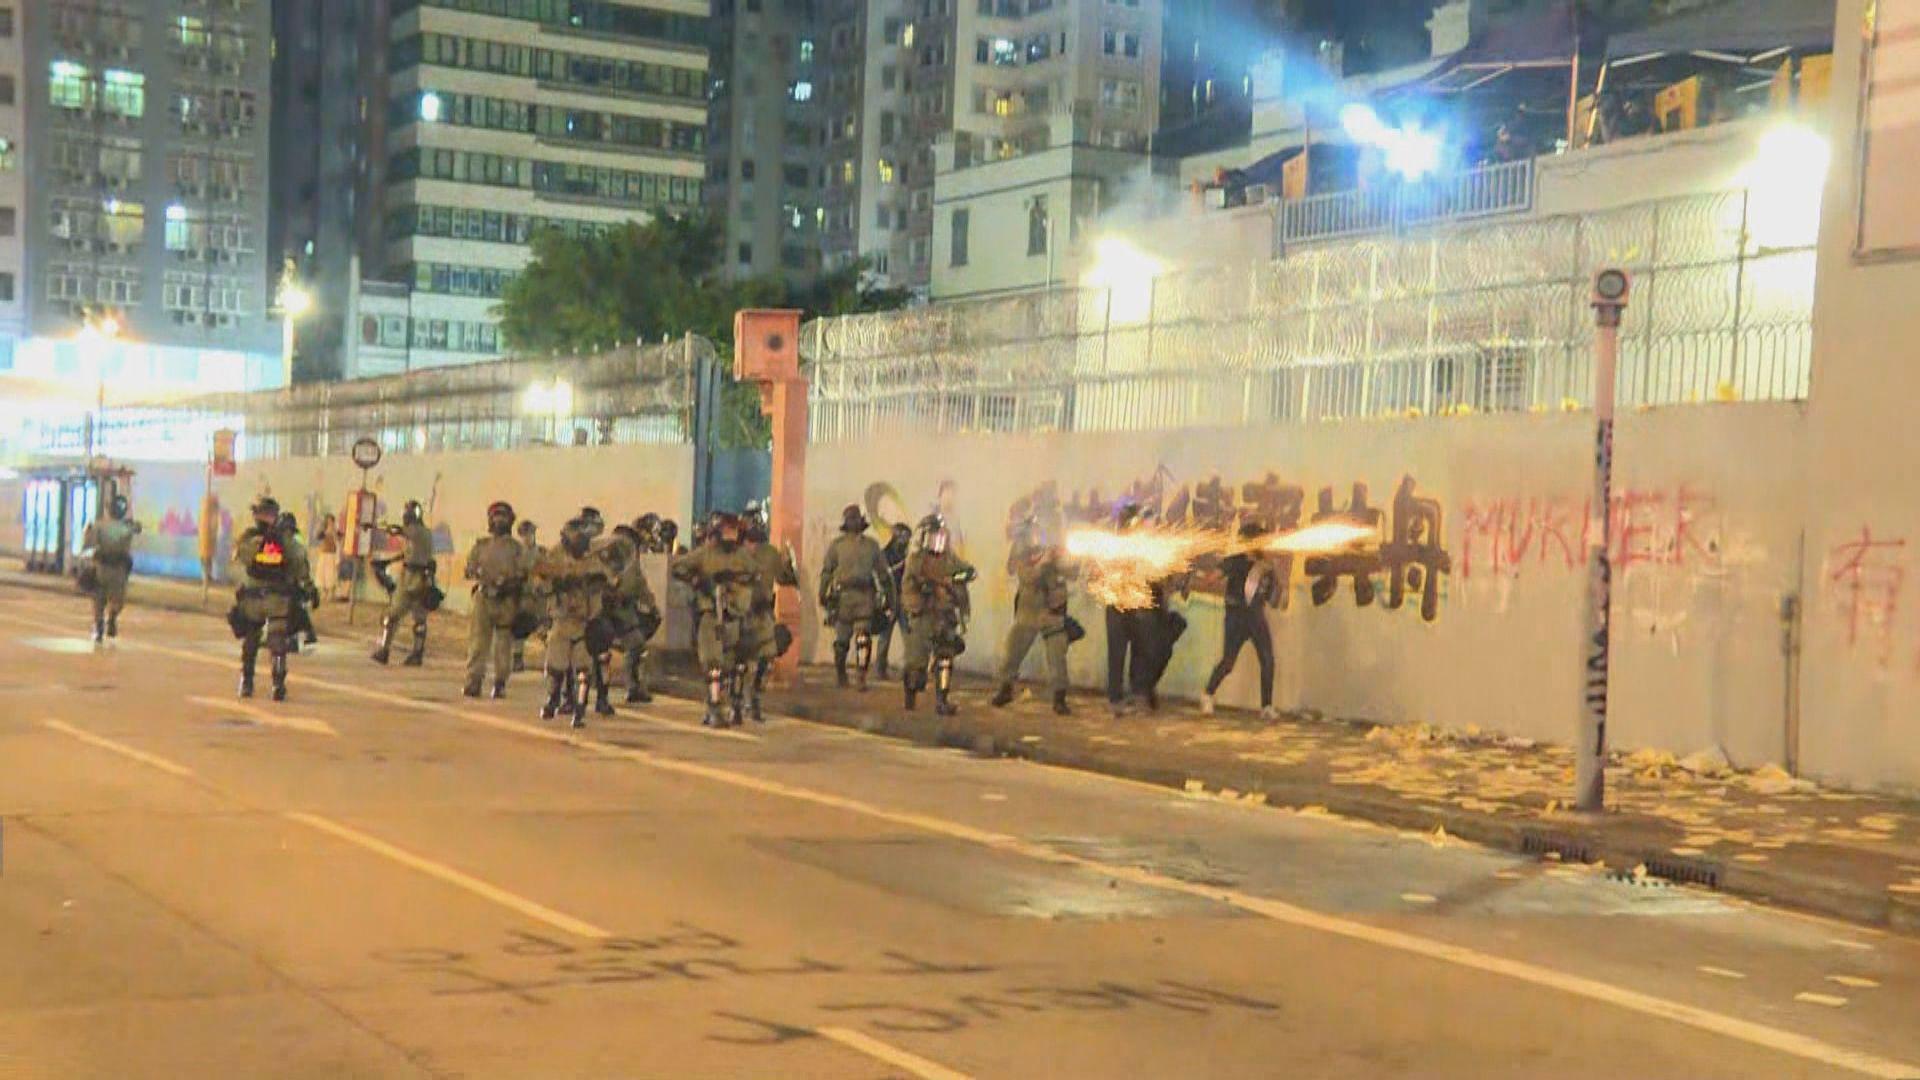 警員周一晚旺角警署多次出動制服多人